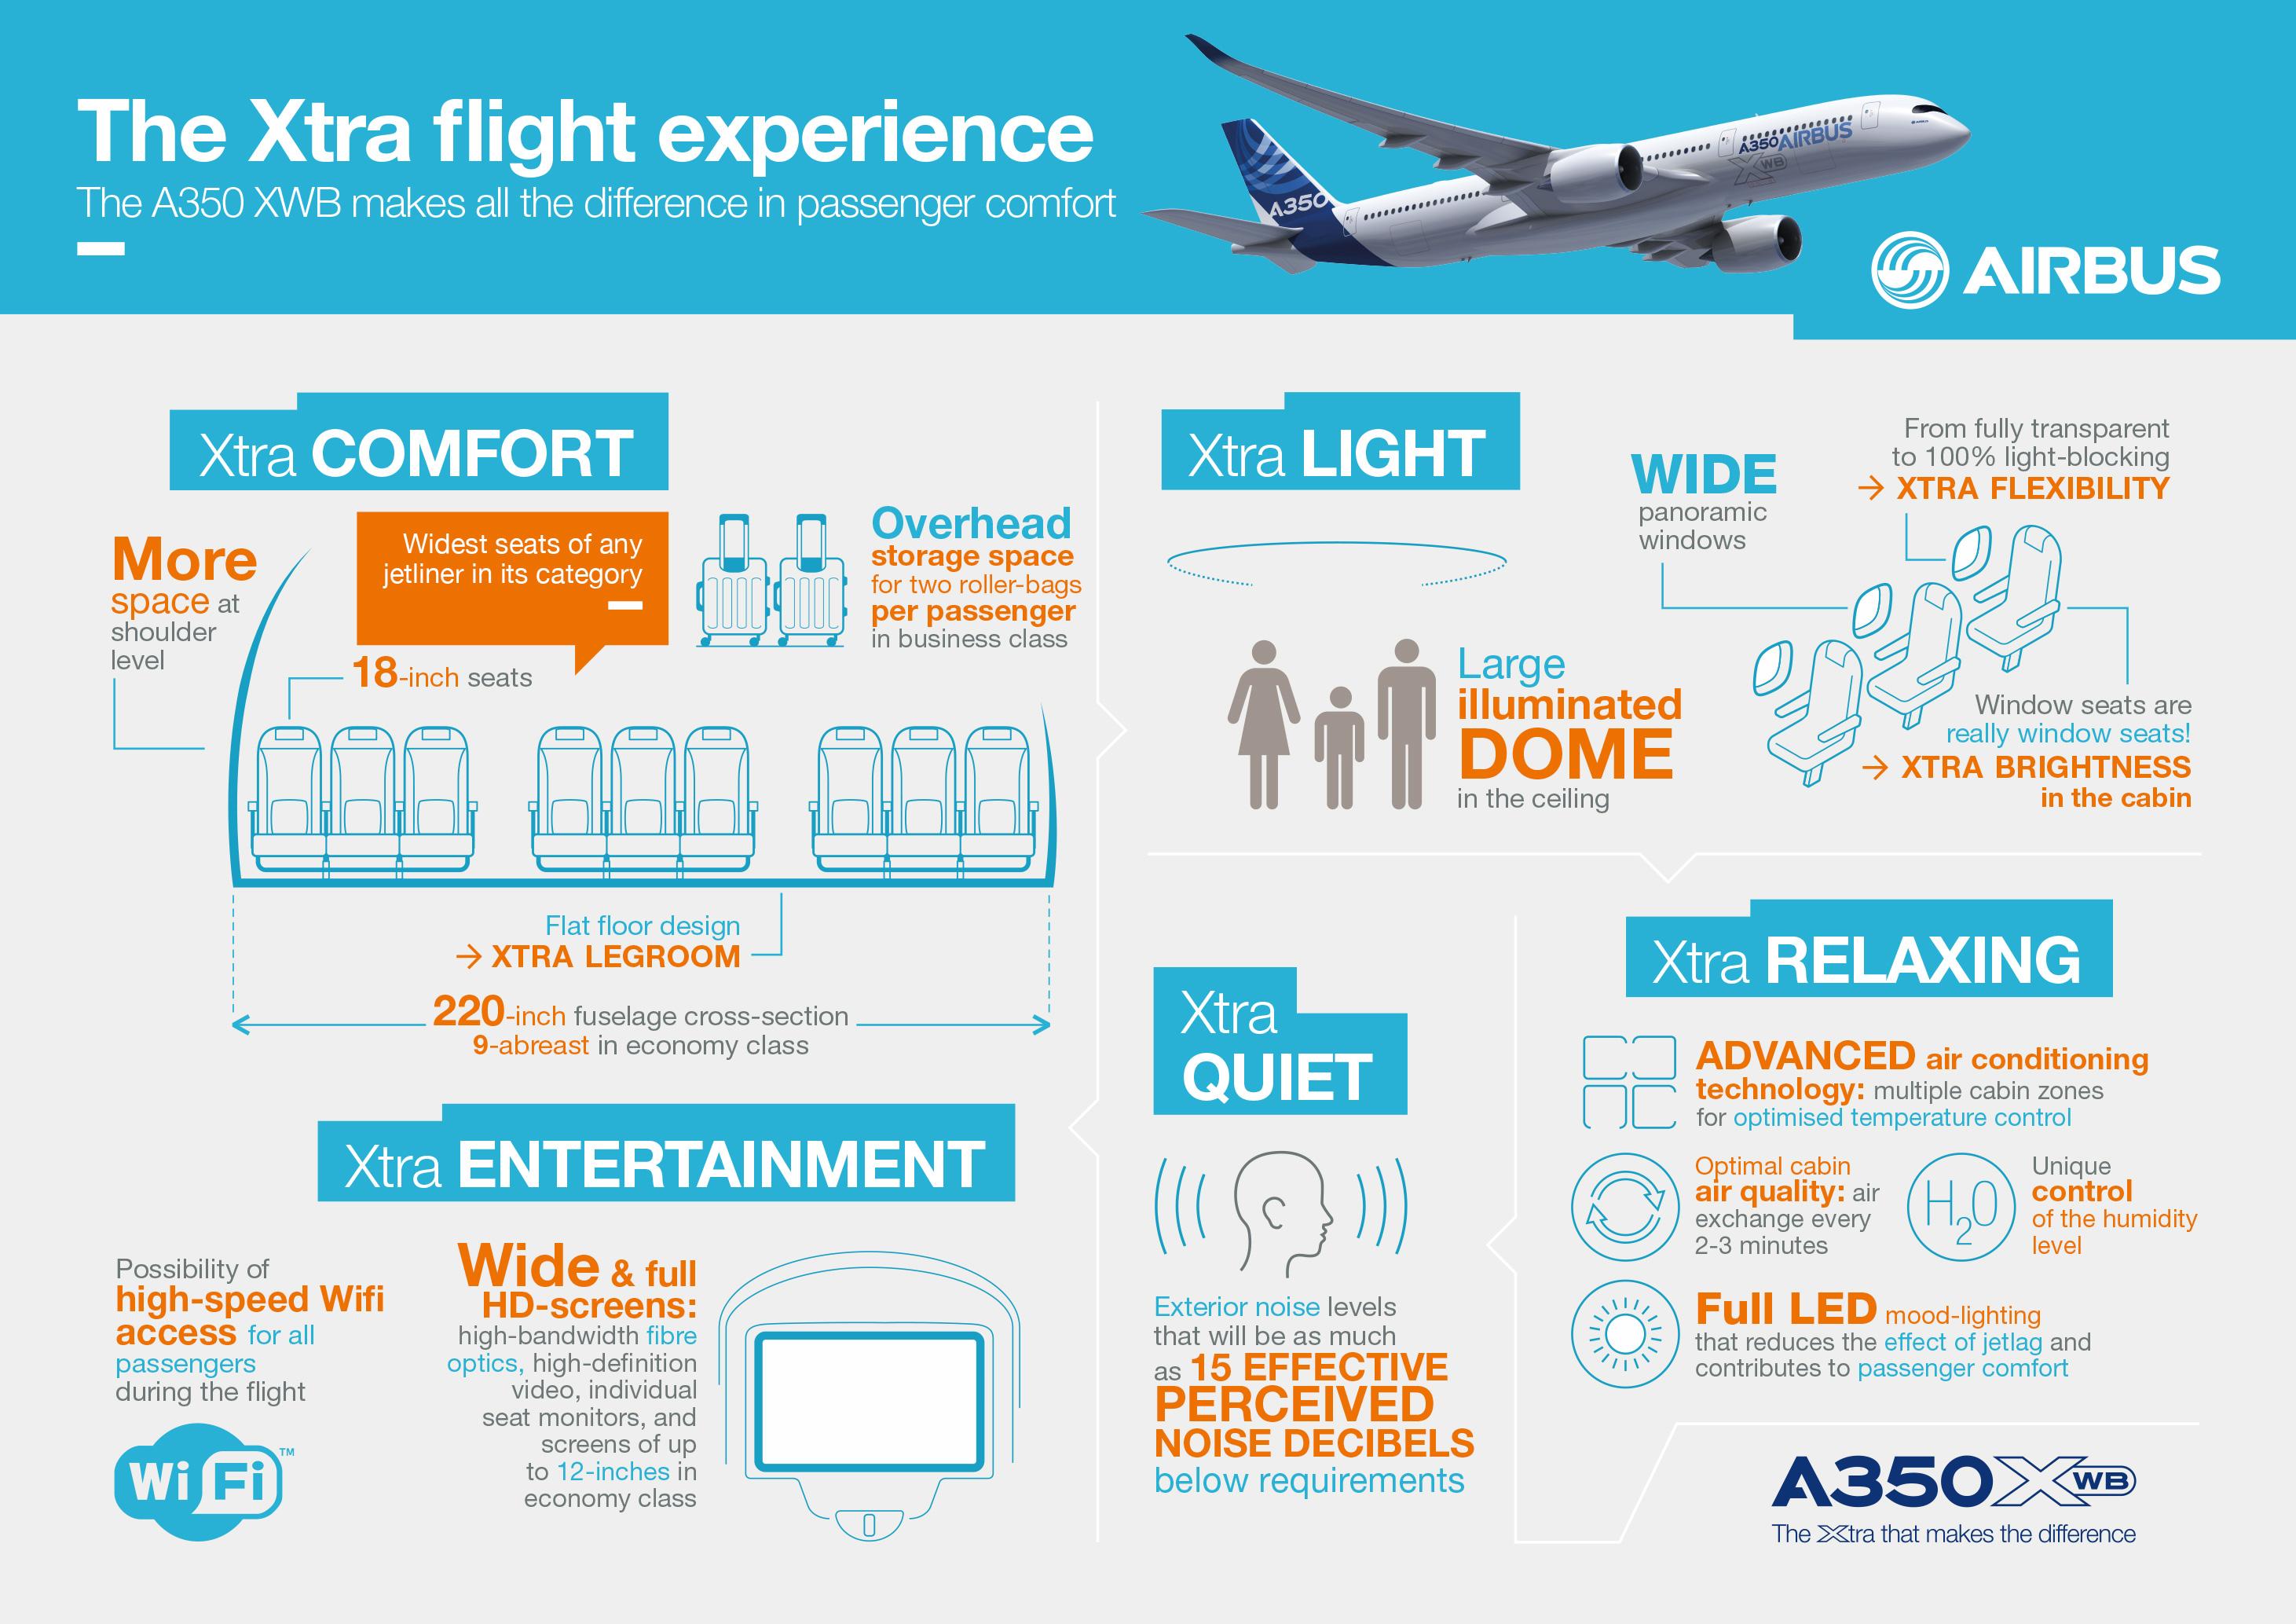 A350 XWB The Xtra flight experience